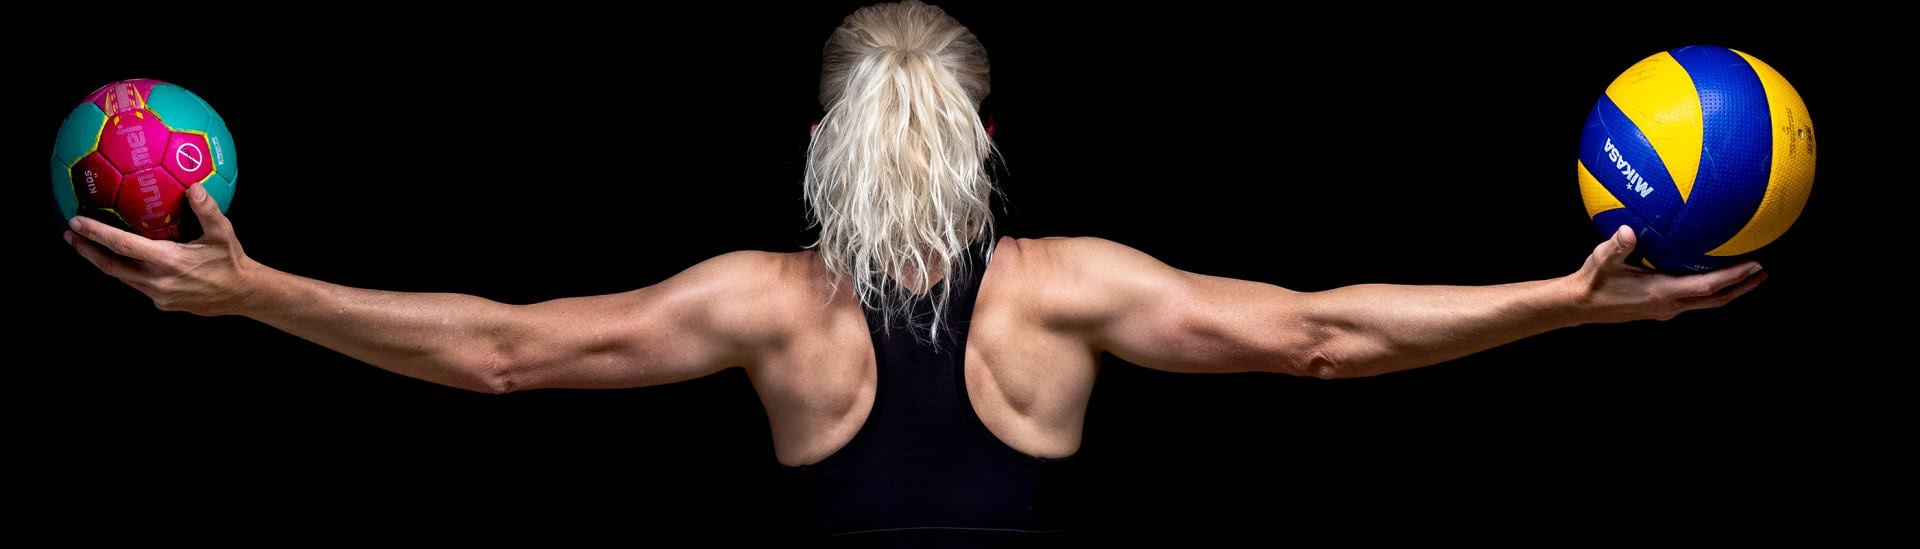 Foto: Rückenansich - Athletin balanciert zwei verschieden grosse Bälle mit seitlich ausgestreckten Armen.